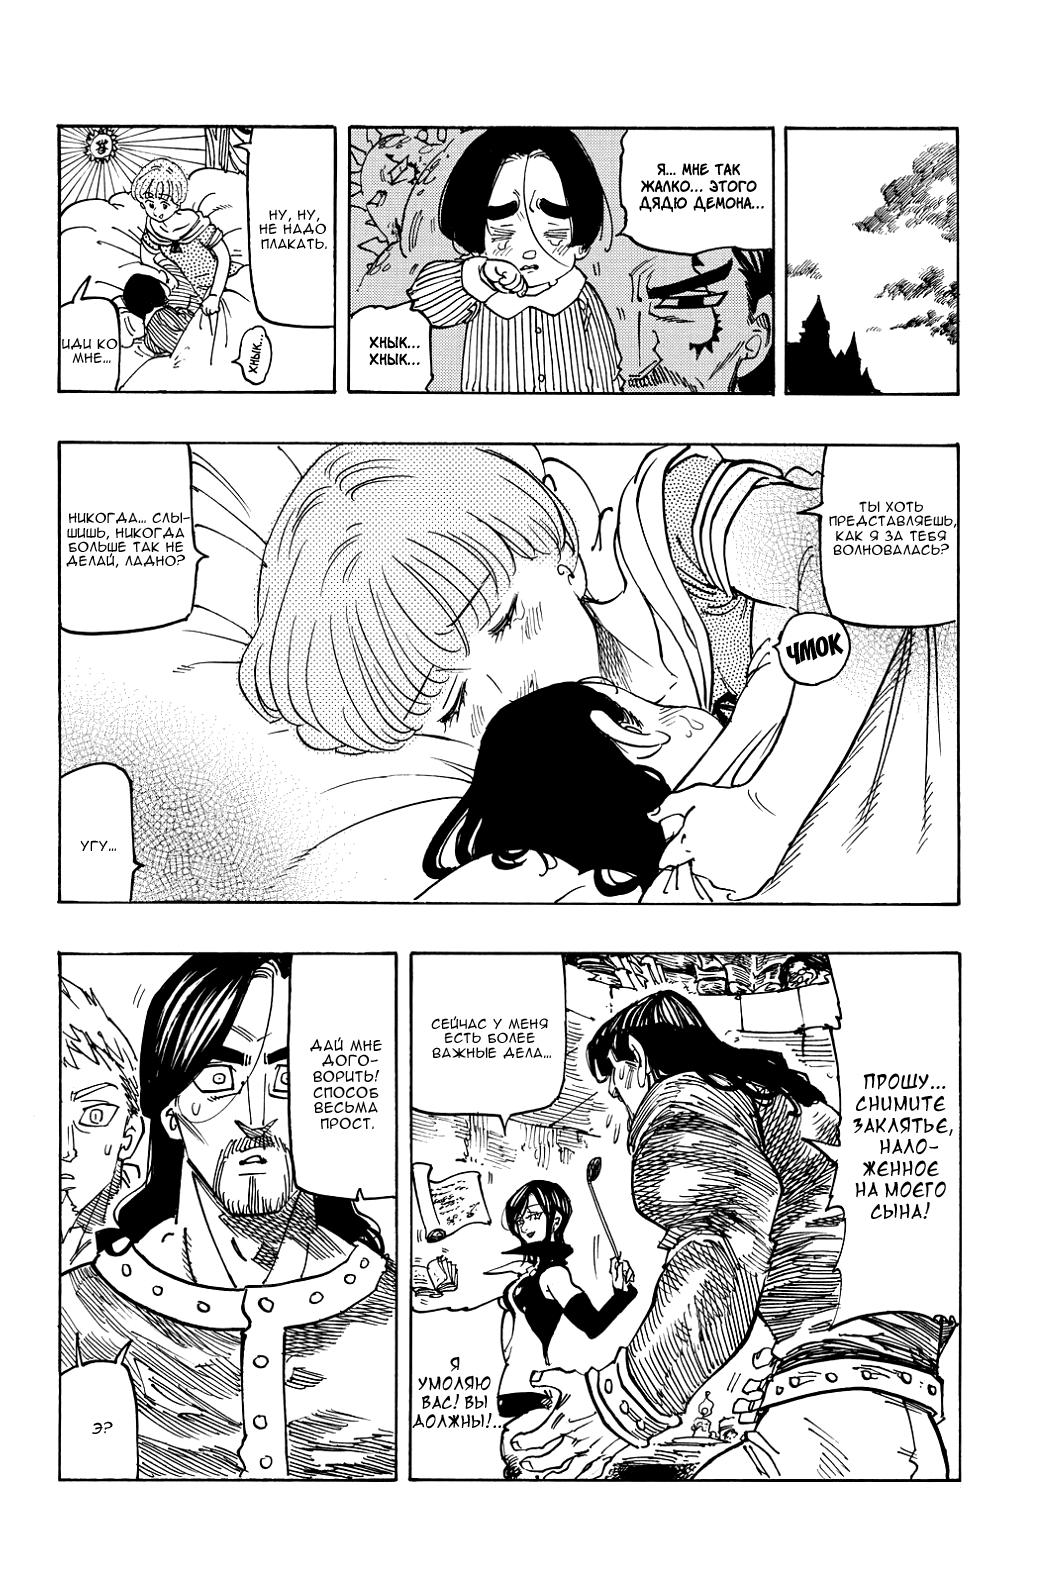 https://r1.ninemanga.com/comics/pic2/29/22109/314071/1481220385216.png Page 3